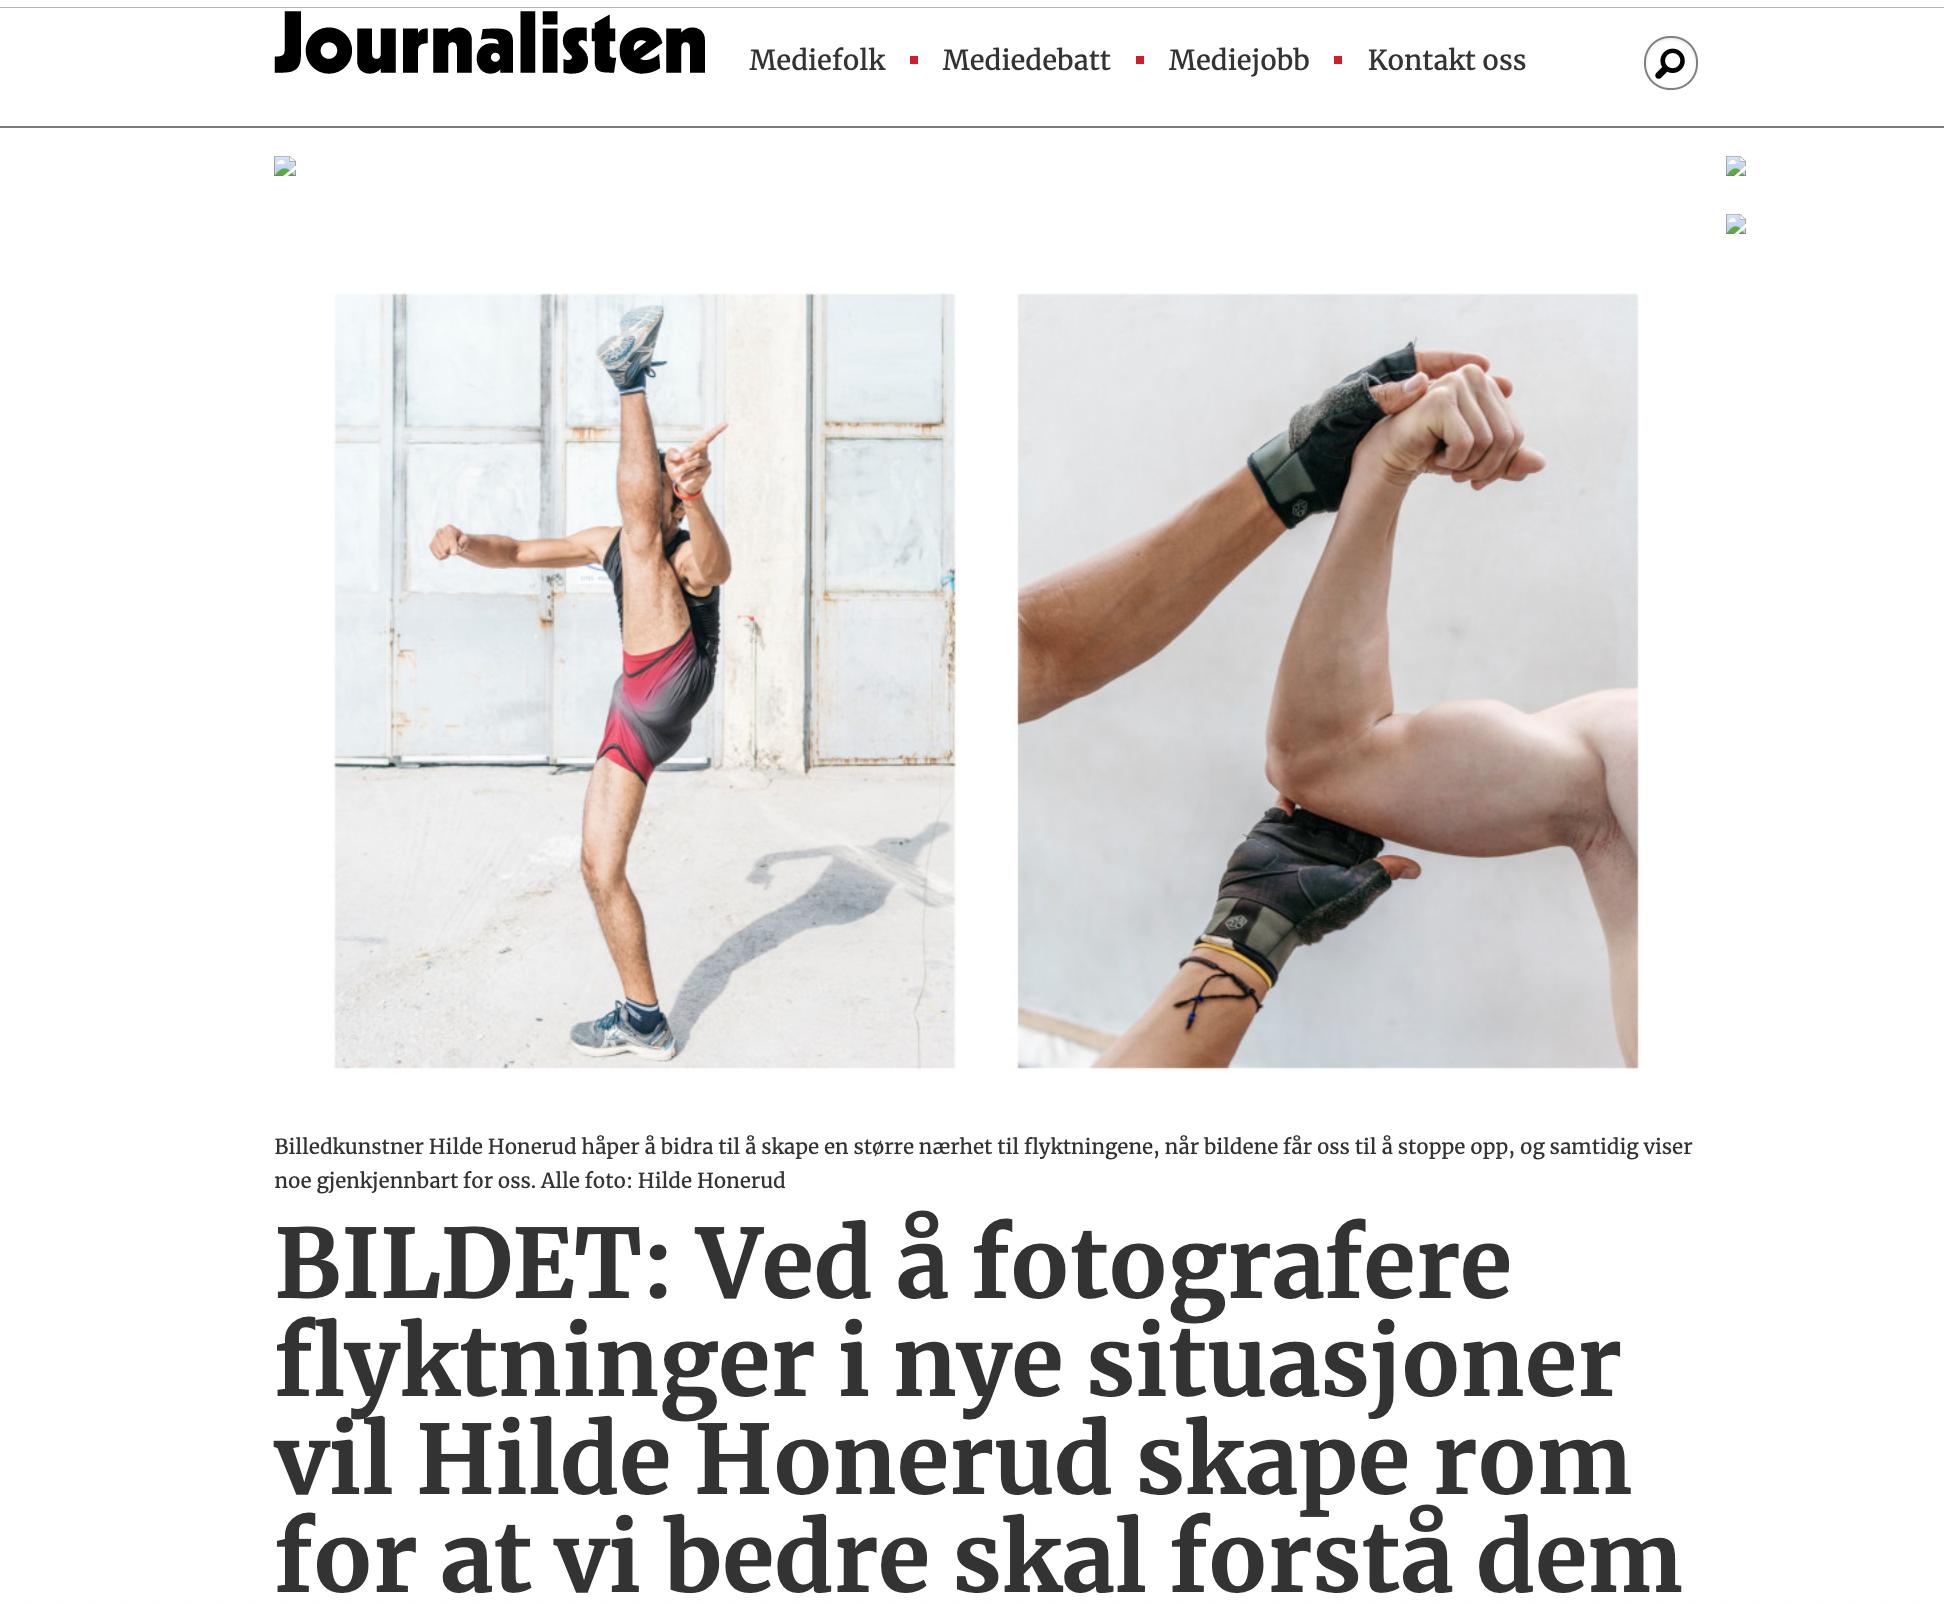 Skjermbilde 2019-08-19 09.53.50.png